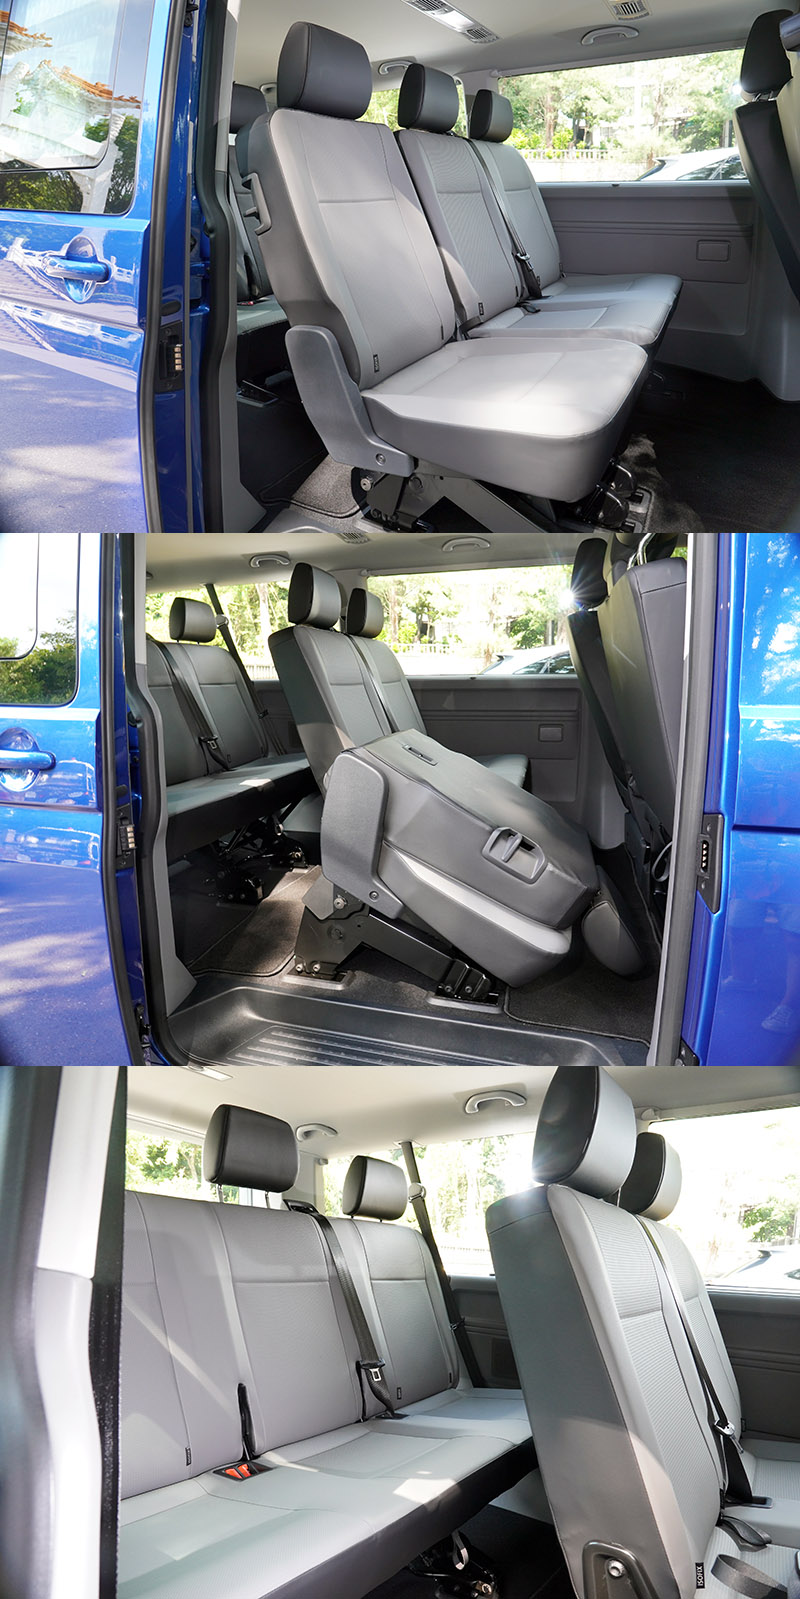 本次試駕的是3 / 3 / 3三排座位安排的Caravelle 199 L車型,後兩排座椅都採固定式設計,只有椅背向前翻倒功能,無法後傾,提供基本的人員運載機能。